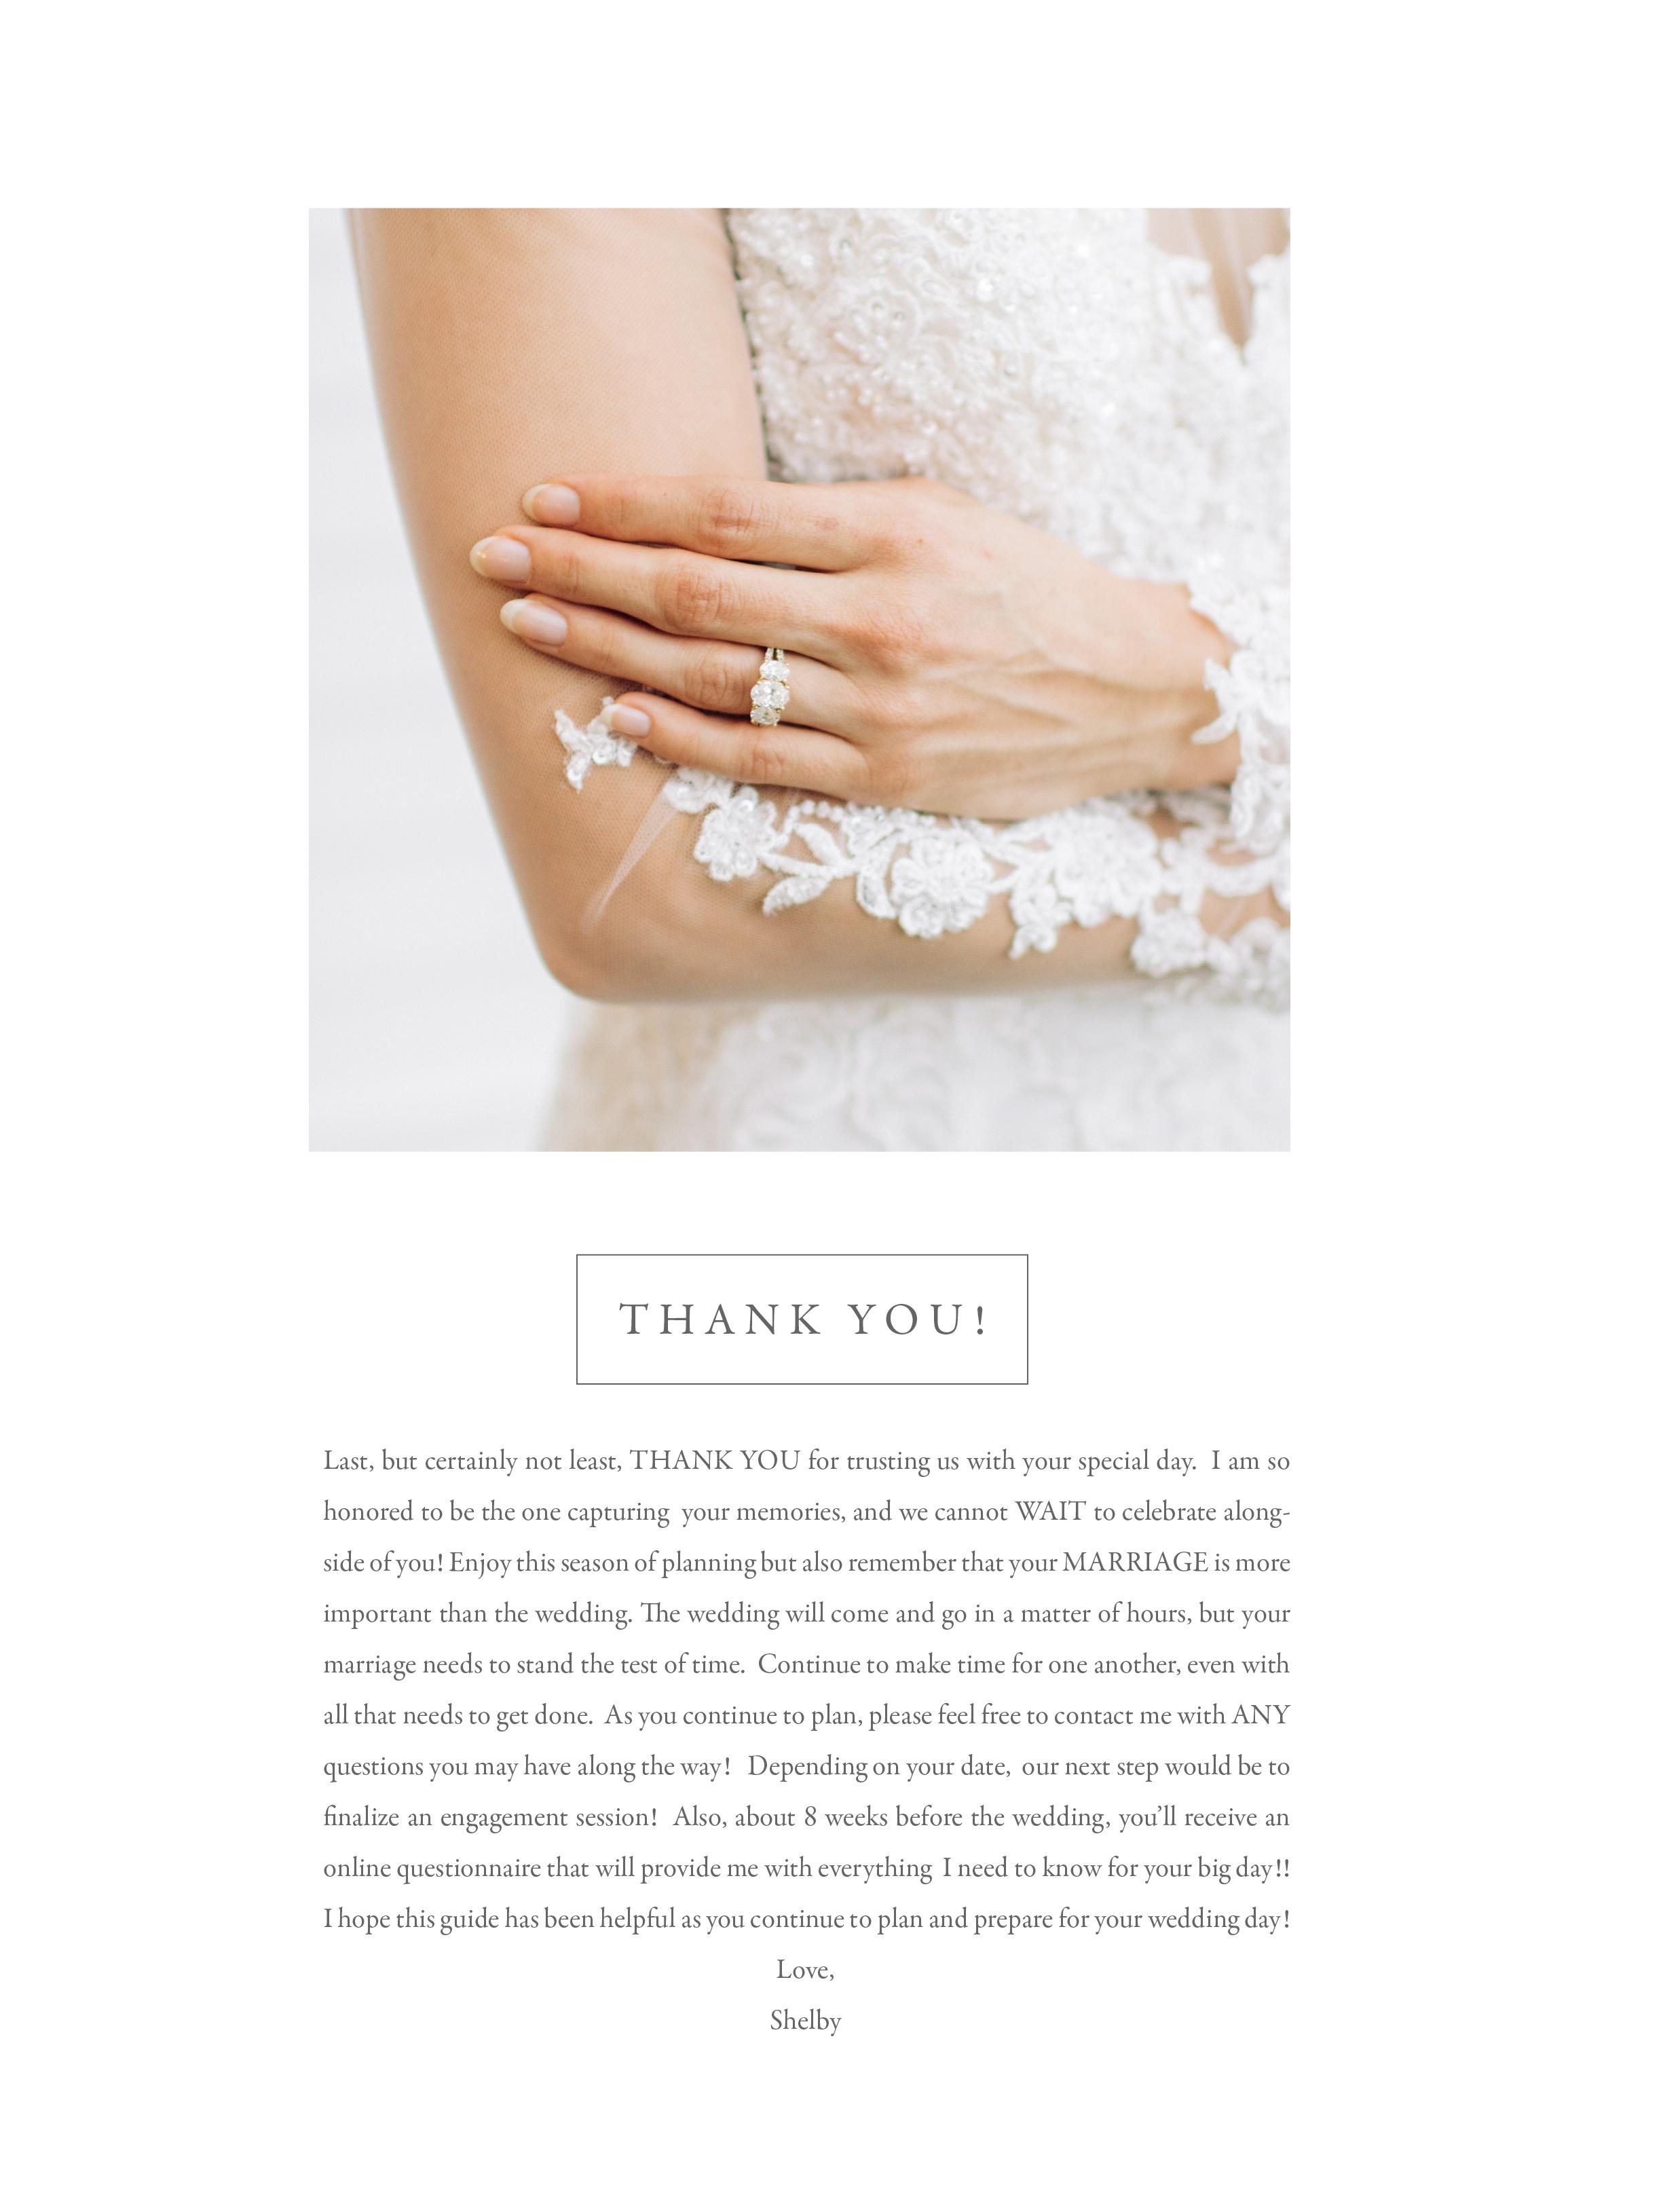 Bridal Guide PDF1240.jpg